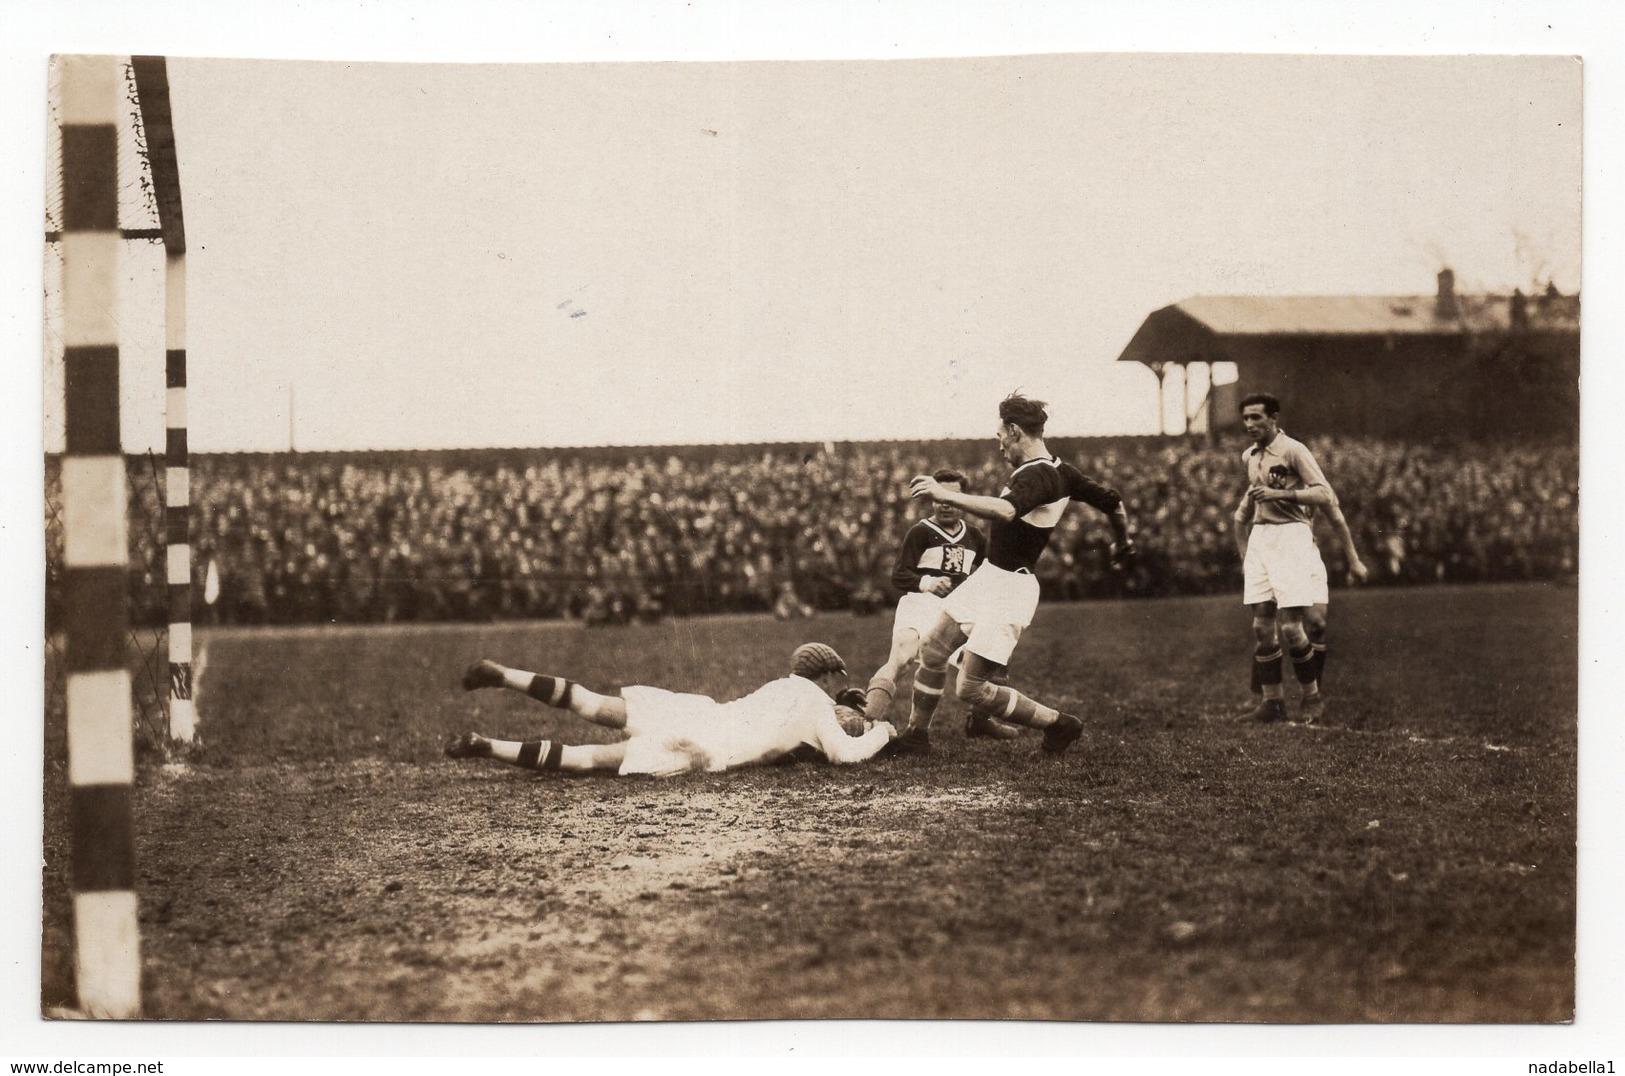 28.10.1923 CZECH REPUBLIC, PRAHA, FRIENDLY INTERNATIONAL CZECH R-YUGOSLAVIA, 4:4 - Sports